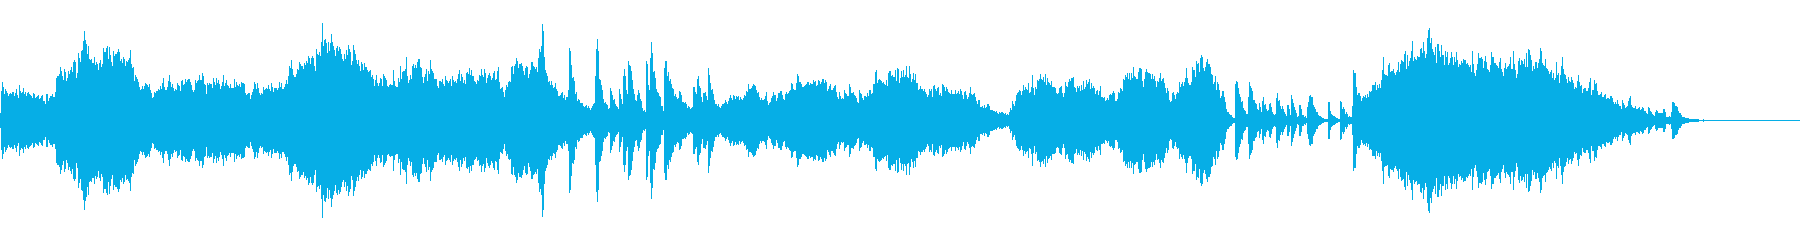 ピアノとストリングスが美しい和風劇伴曲の再生済みの波形